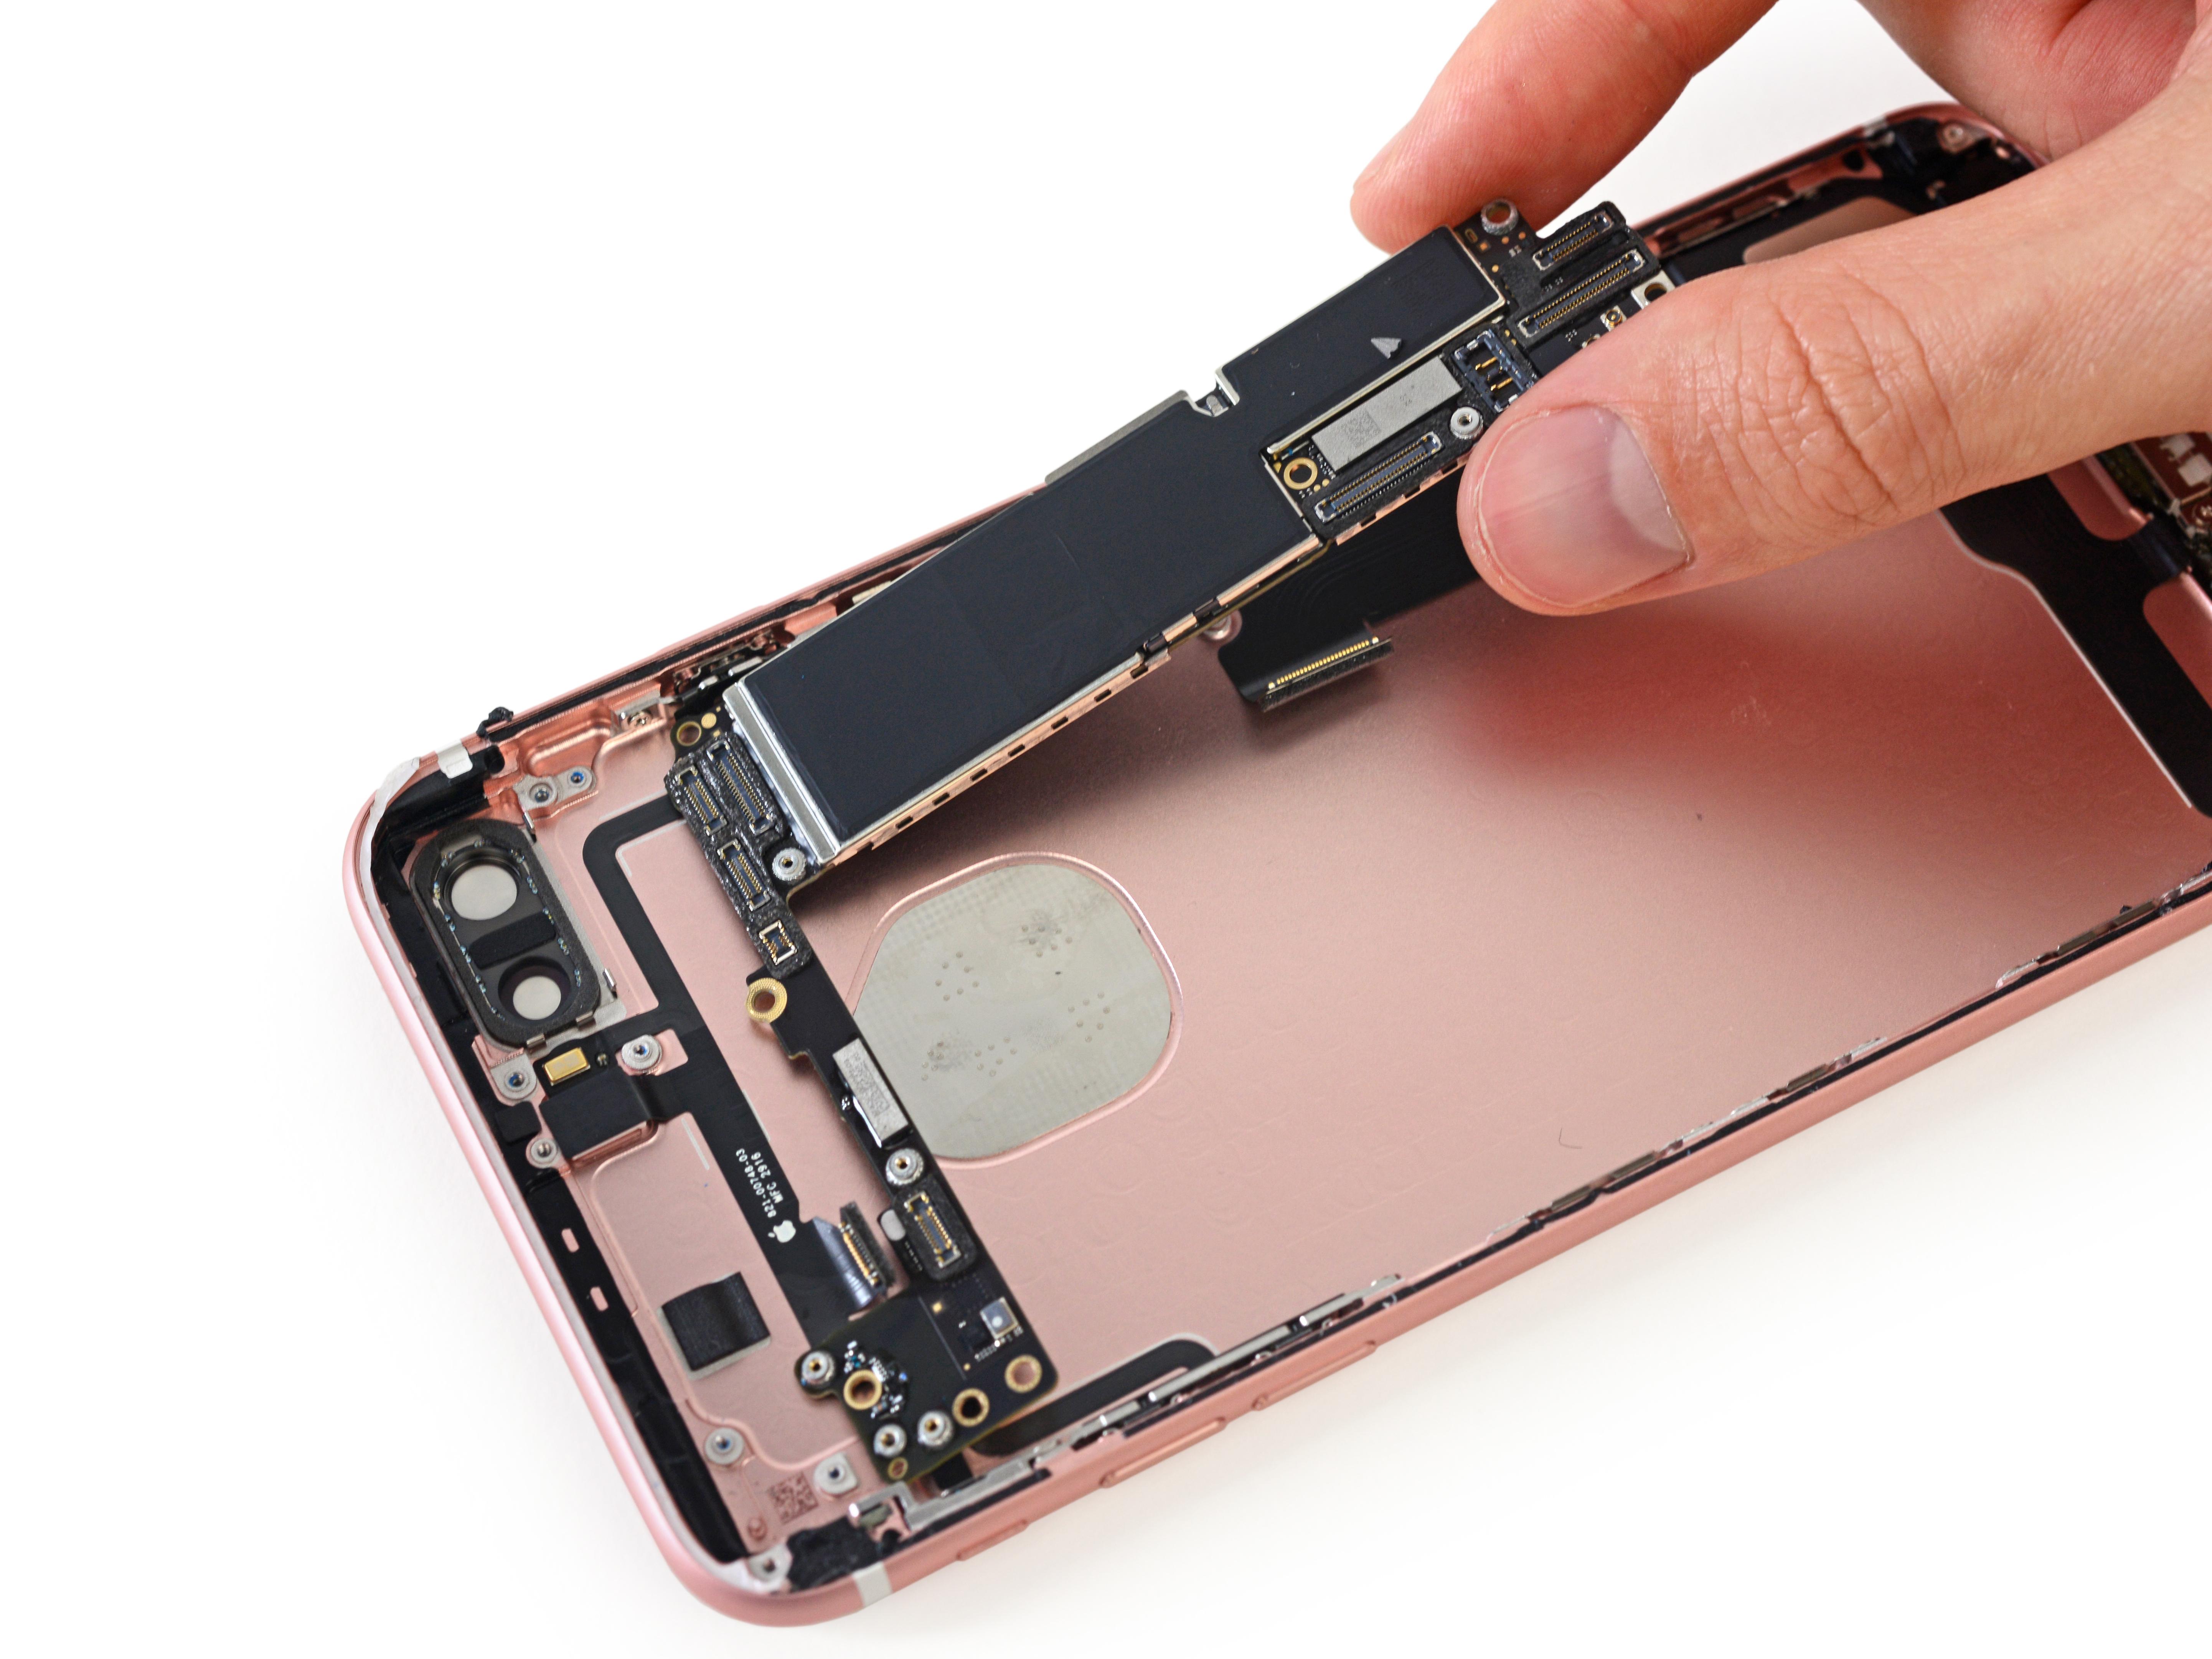 placa logica iphone 7 plus